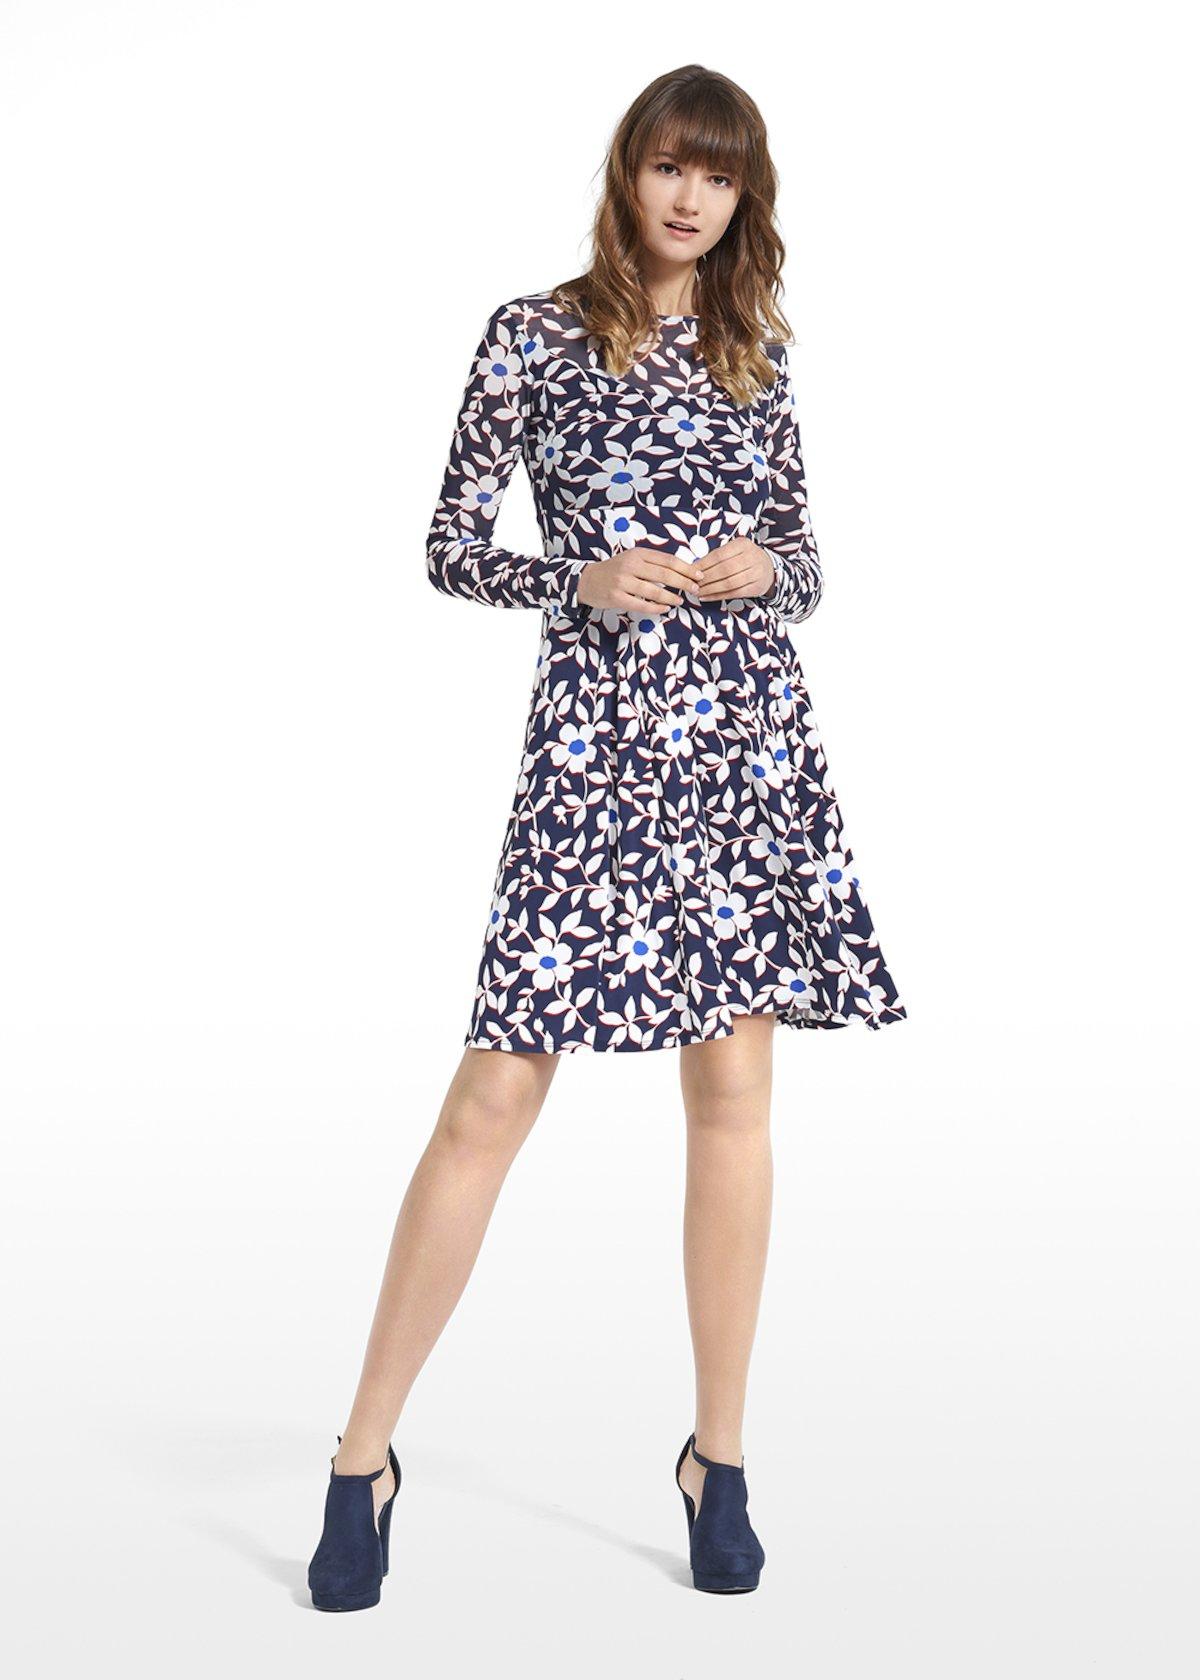 Patterned blue jasmine dress Adele - Blue / White Fantasia - Woman